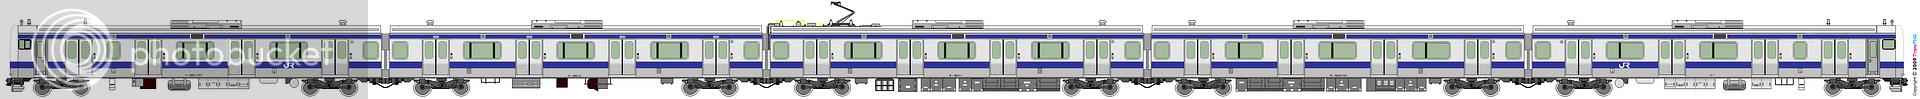 [5003] 東日本旅客鐵道 2003